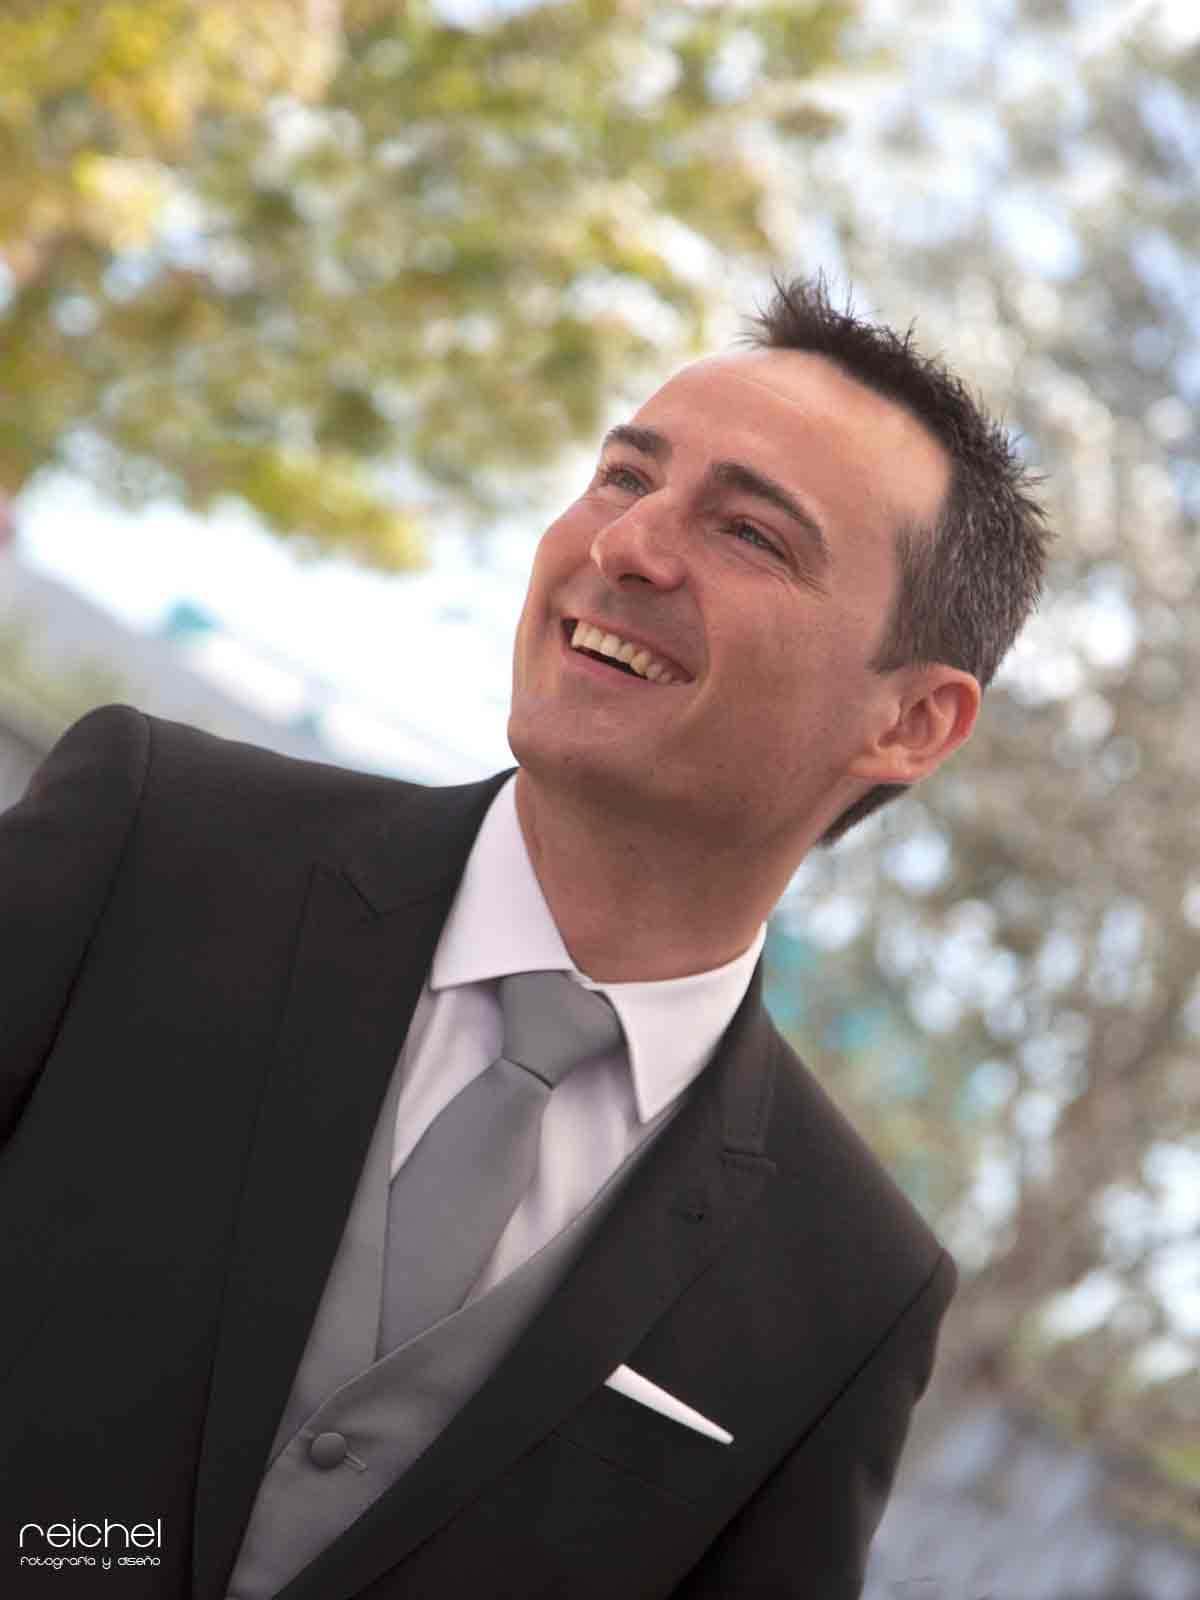 boda civil zaragoza retratos del novio de forma improvisada sin posados